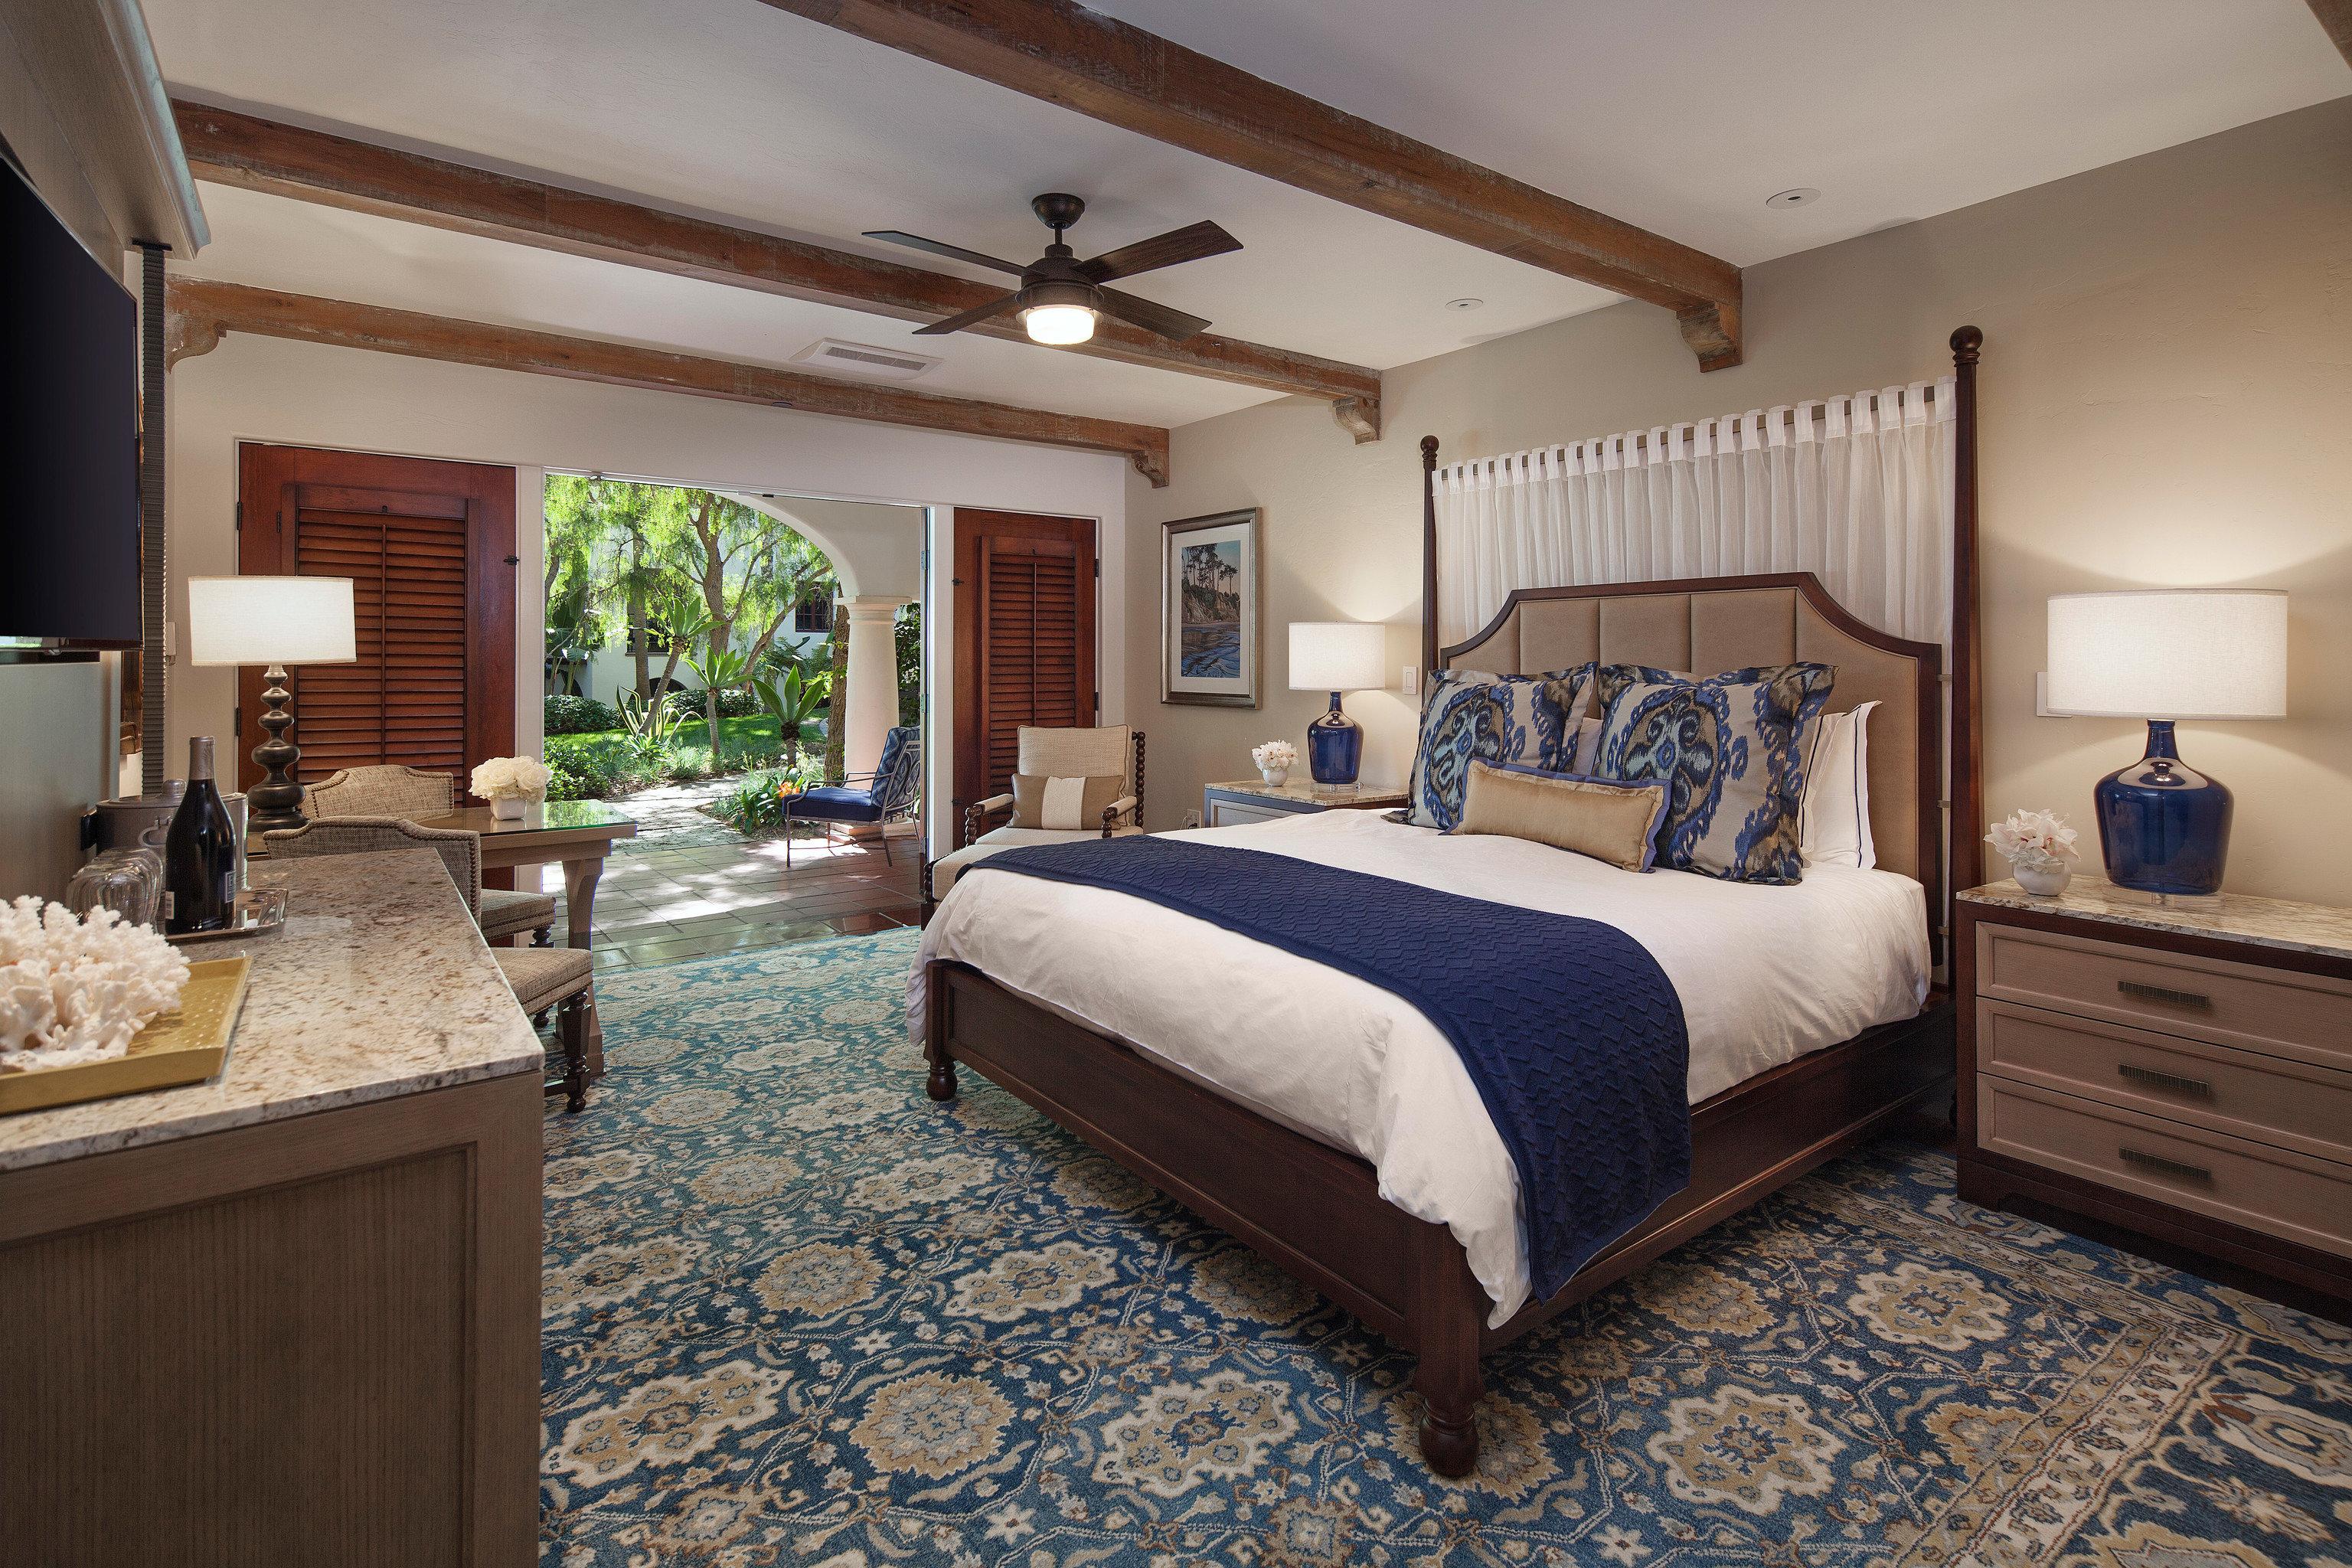 Hotels property Bedroom cottage home hardwood Suite Villa living room